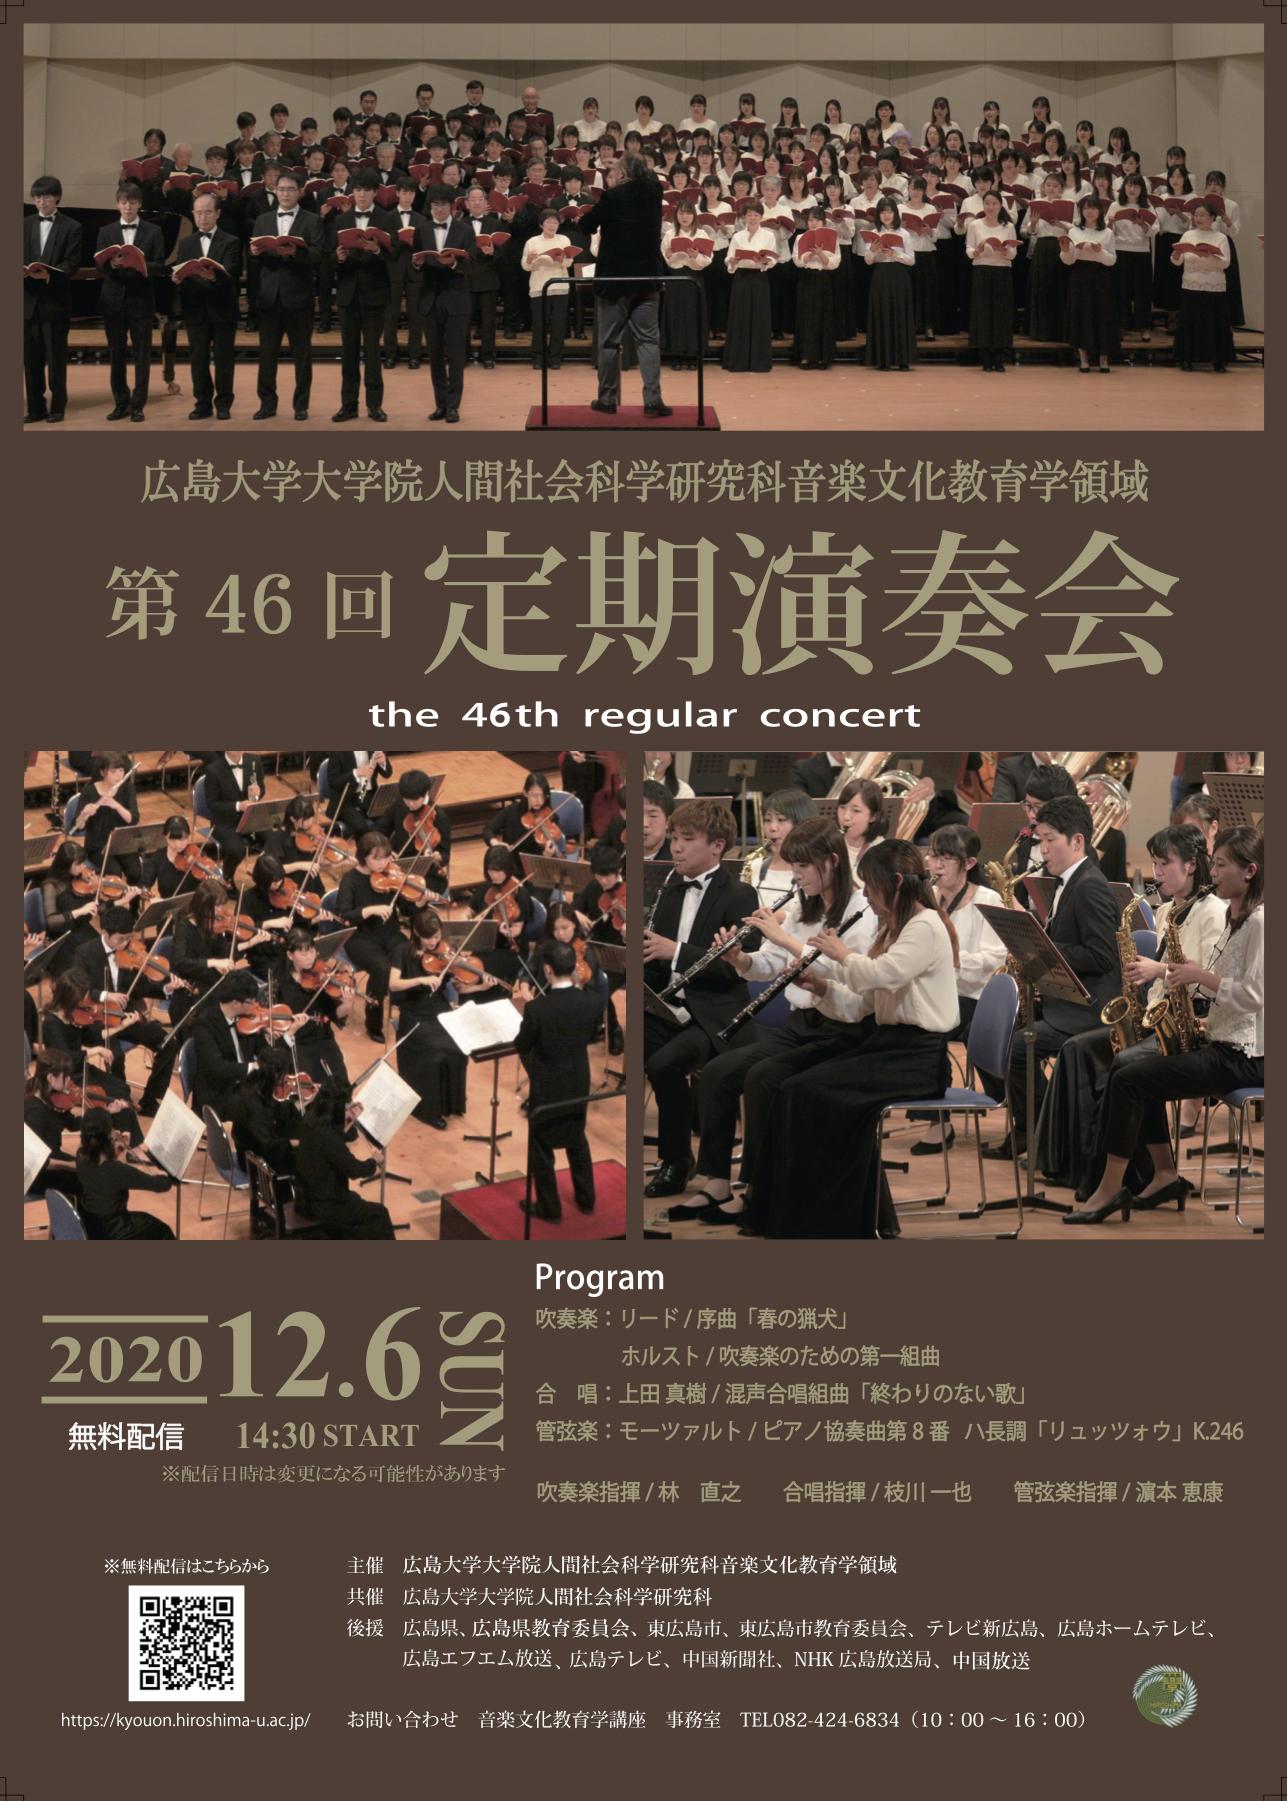 広島大学大学院人間社会科学研究科音楽文化教育学領域</br>第46回定期演奏会